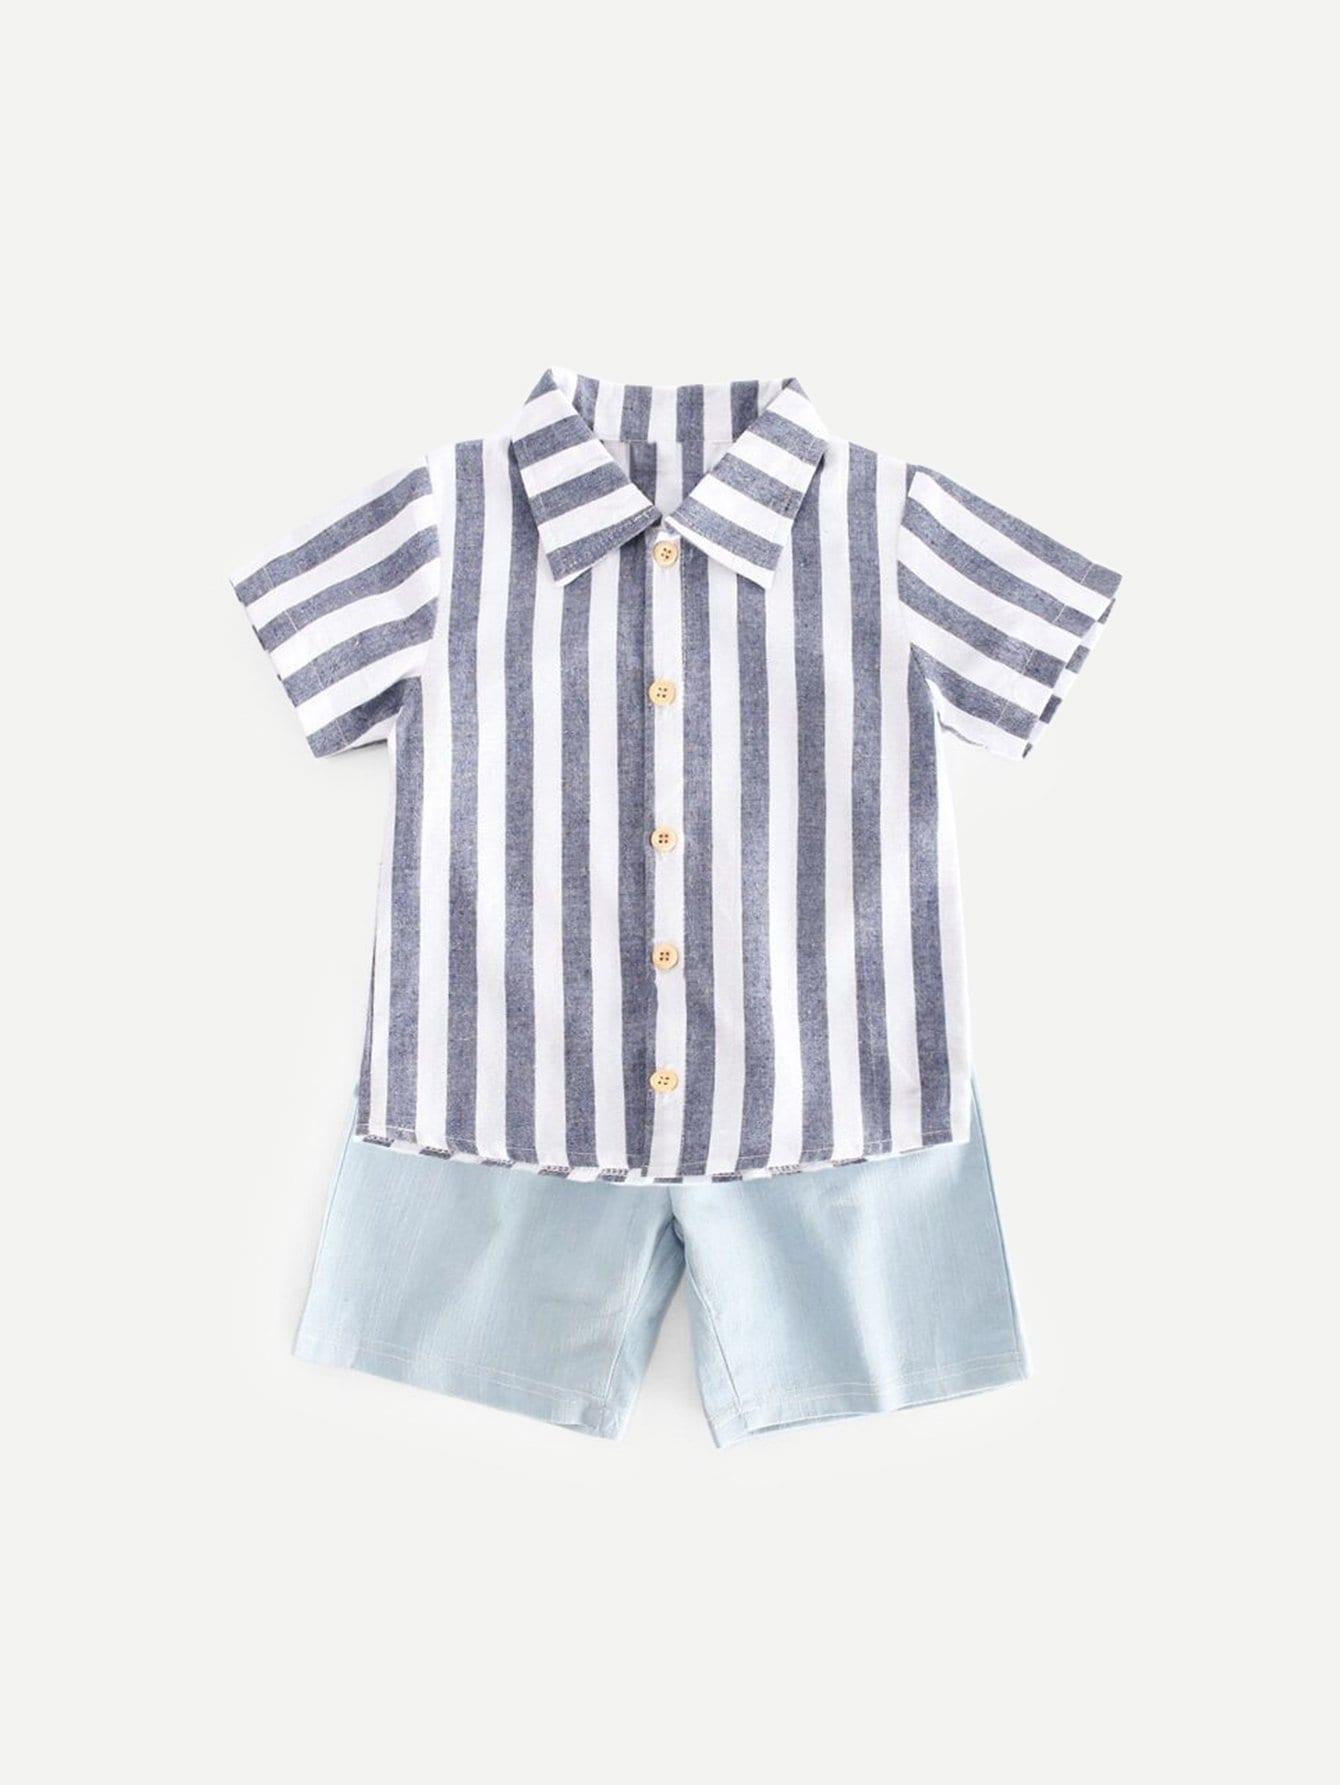 Купить Детская полосатая блузка с джинсовыми шортами, null, SheIn